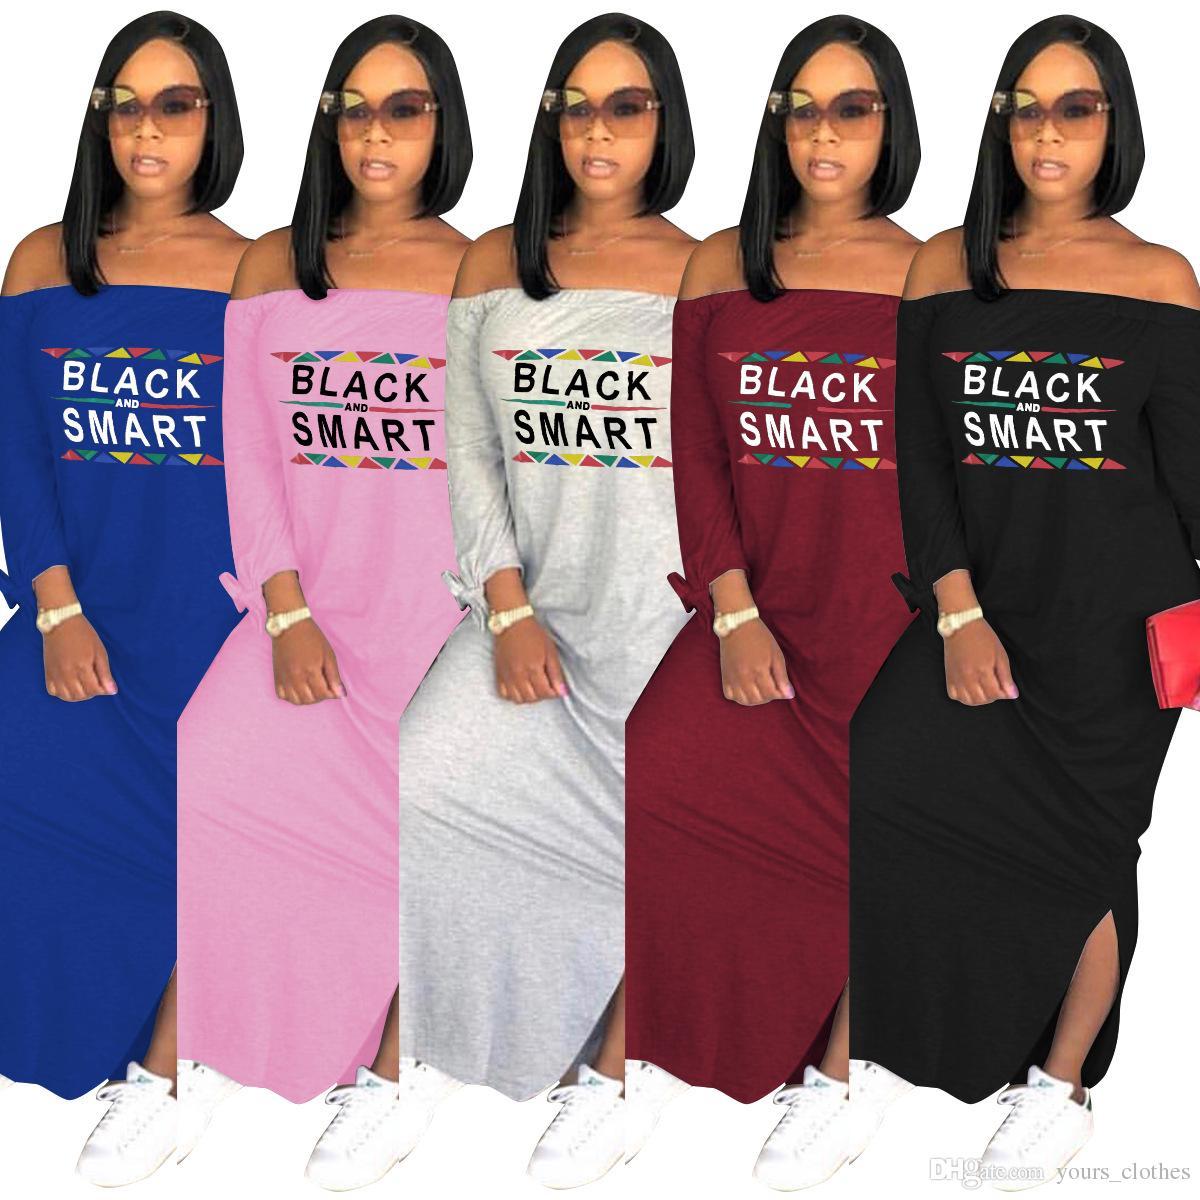 56002b5e8 Compre Outono Novas Mulheres Vestidos De Manga Longa Carta Preto Barra  Inteligente Longo Corte Longo Design Senhoras Vestido Sexy Dividir Maxi Vestido  Longo ...